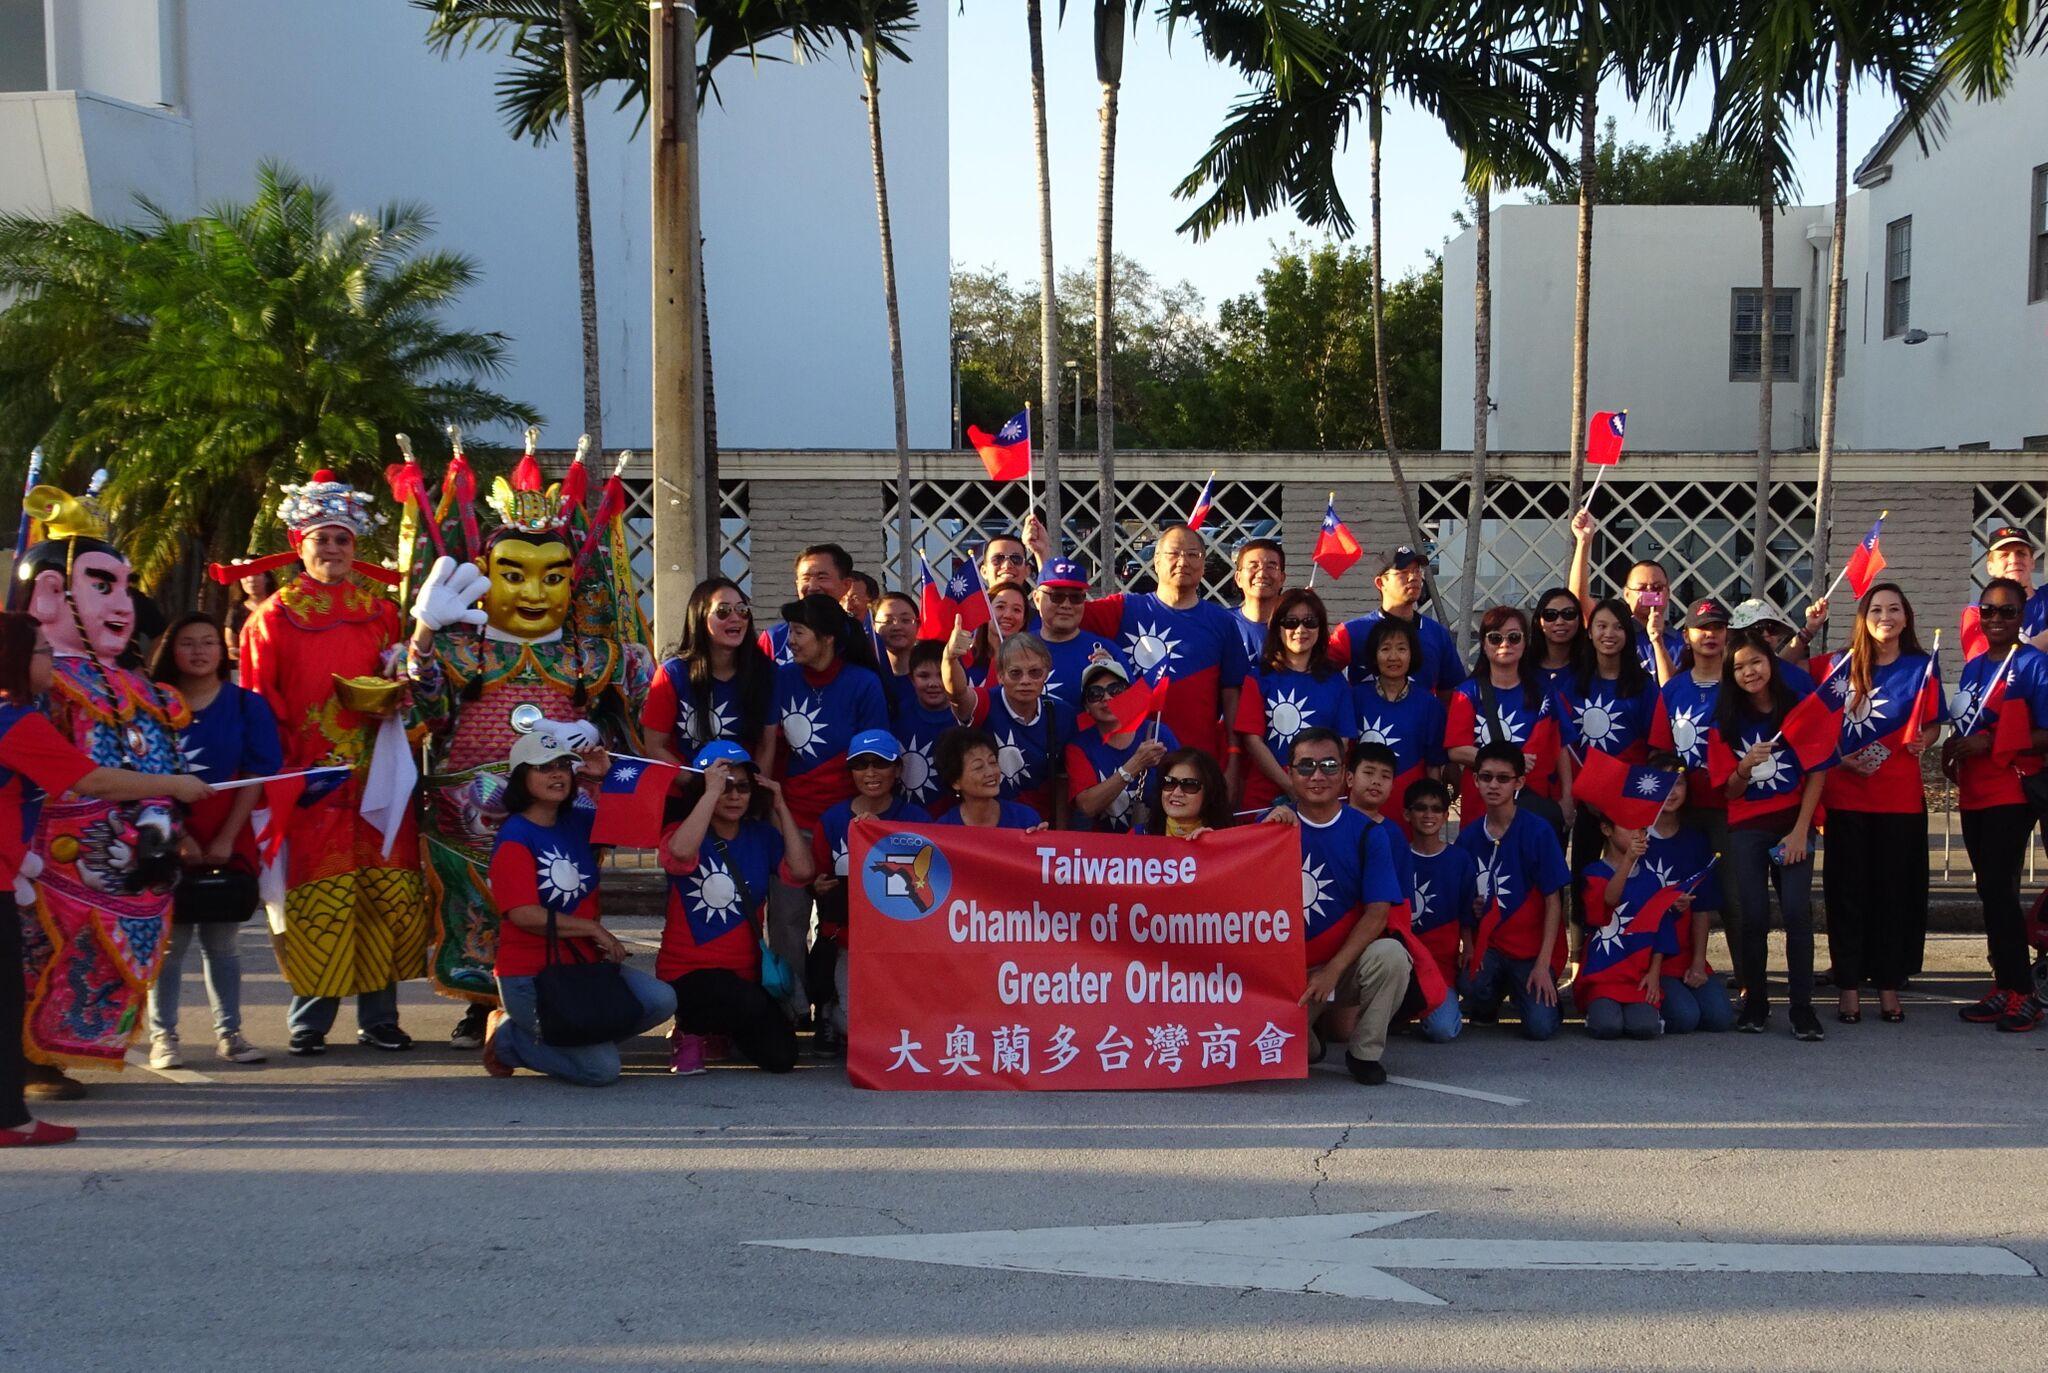 參加橘子青年杯大遊行的大奧蘭多台灣商會和其他社團人員合影。(孫博先提供)